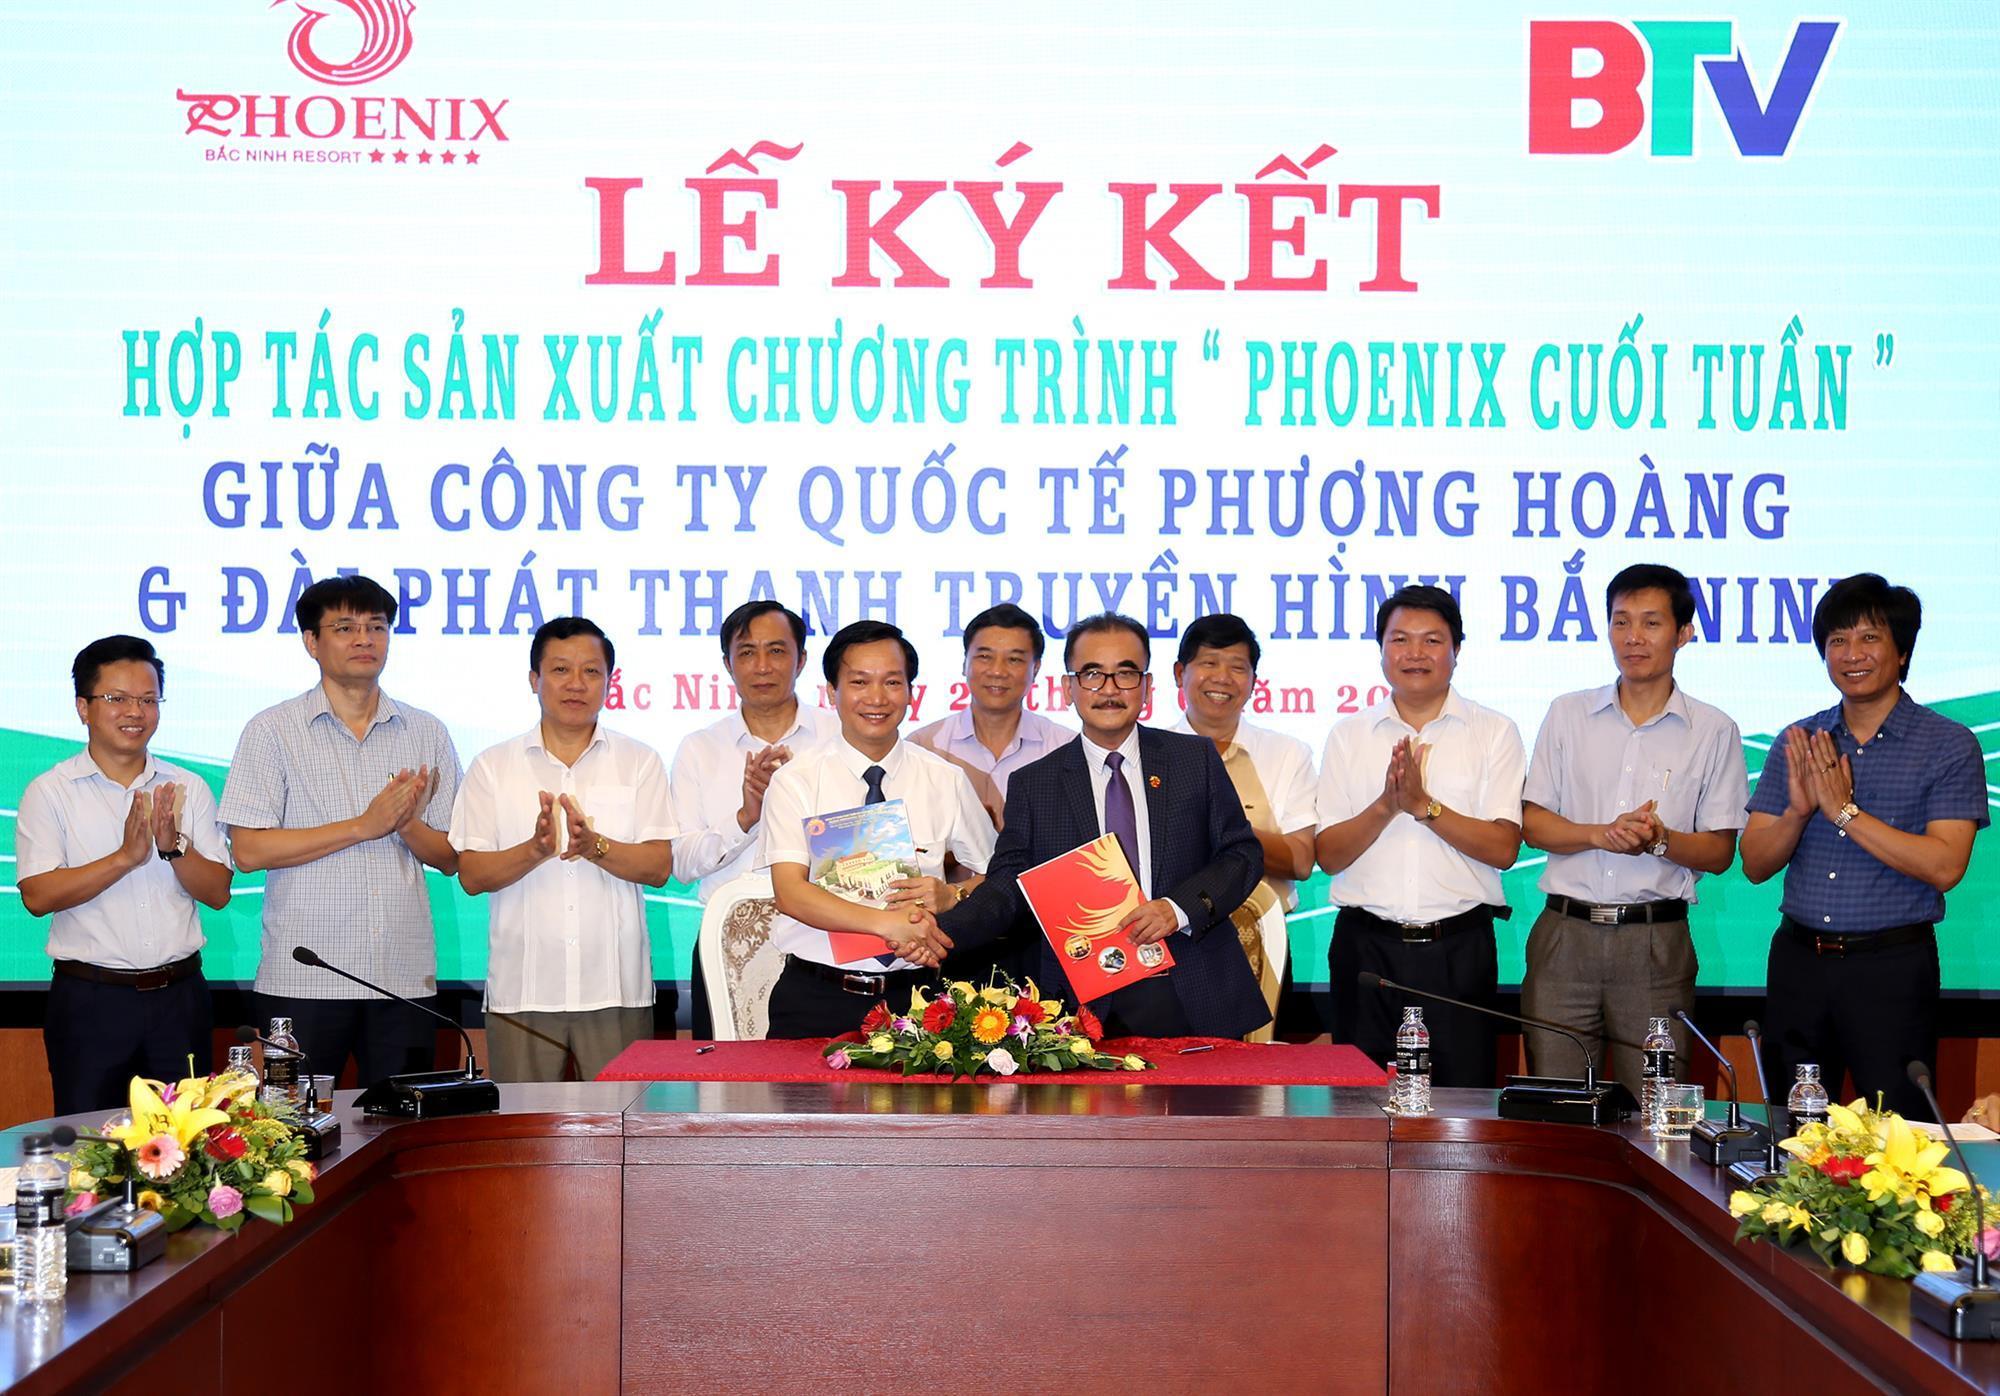 """Đài PT&TH Bắc Ninh ra mắt chương trình mới """"BOLERO PHOENIX CUỐI TUẦN"""""""